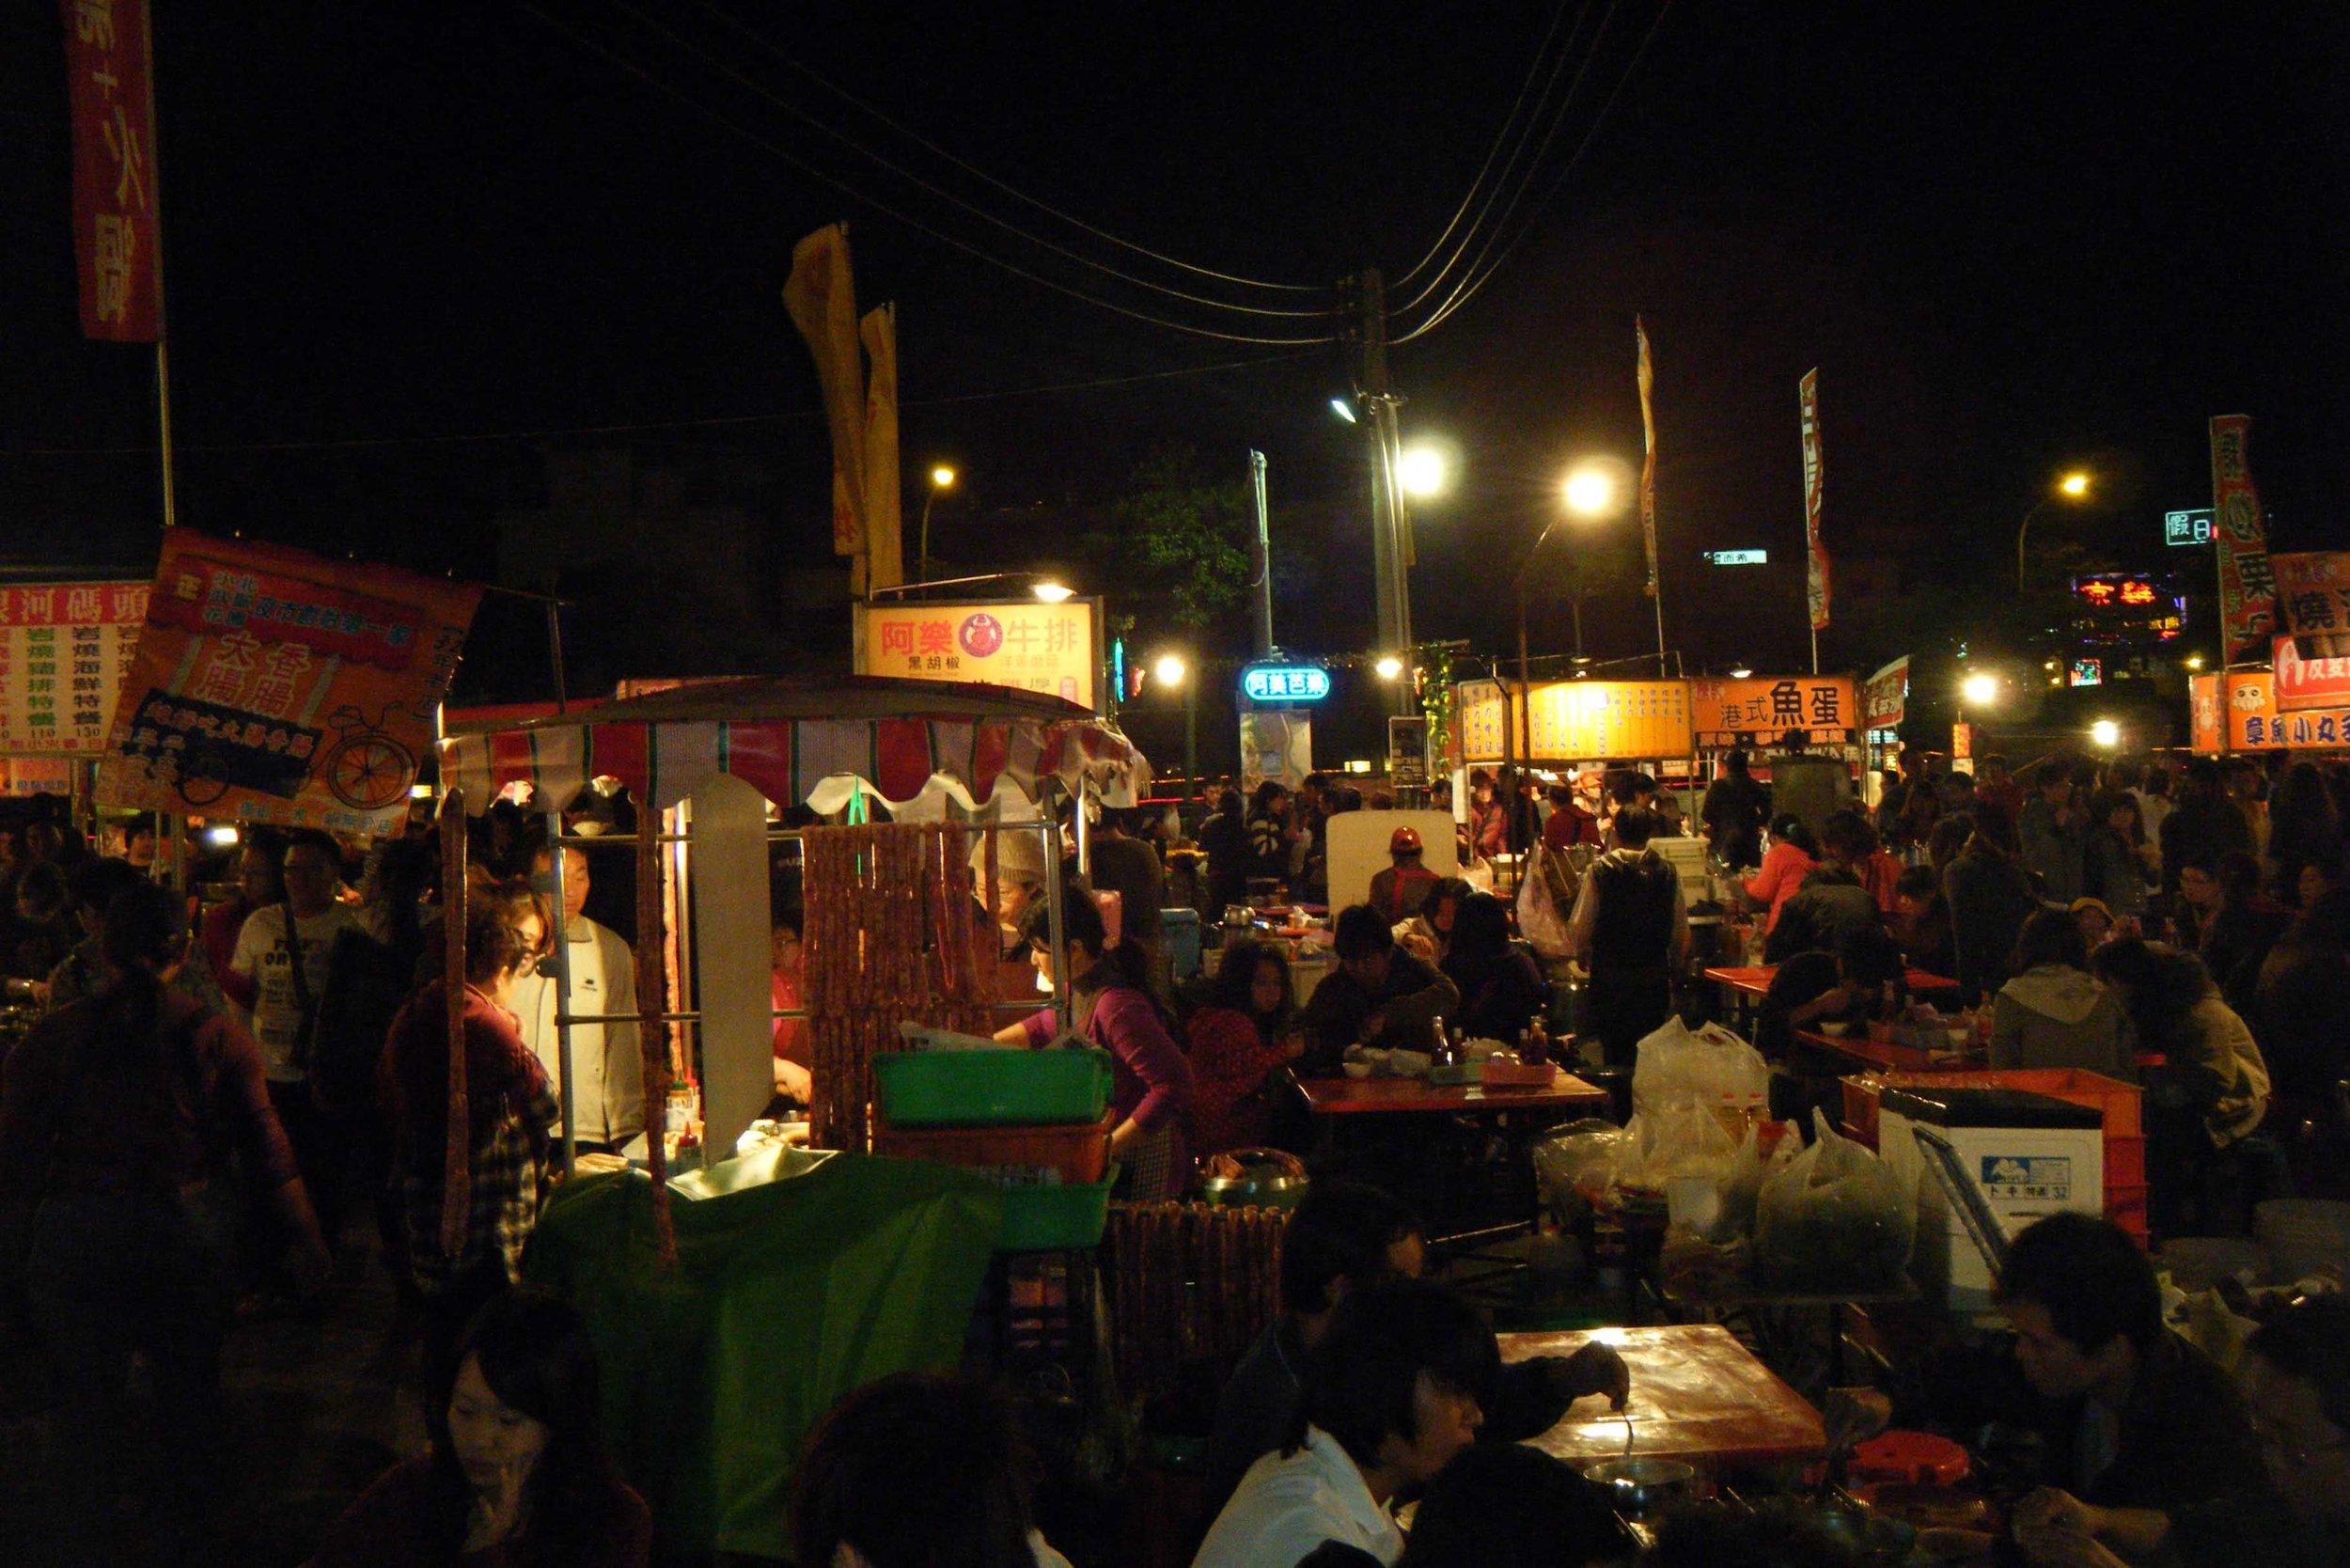 Tainan Garden Night Market 10-28-10.jpg